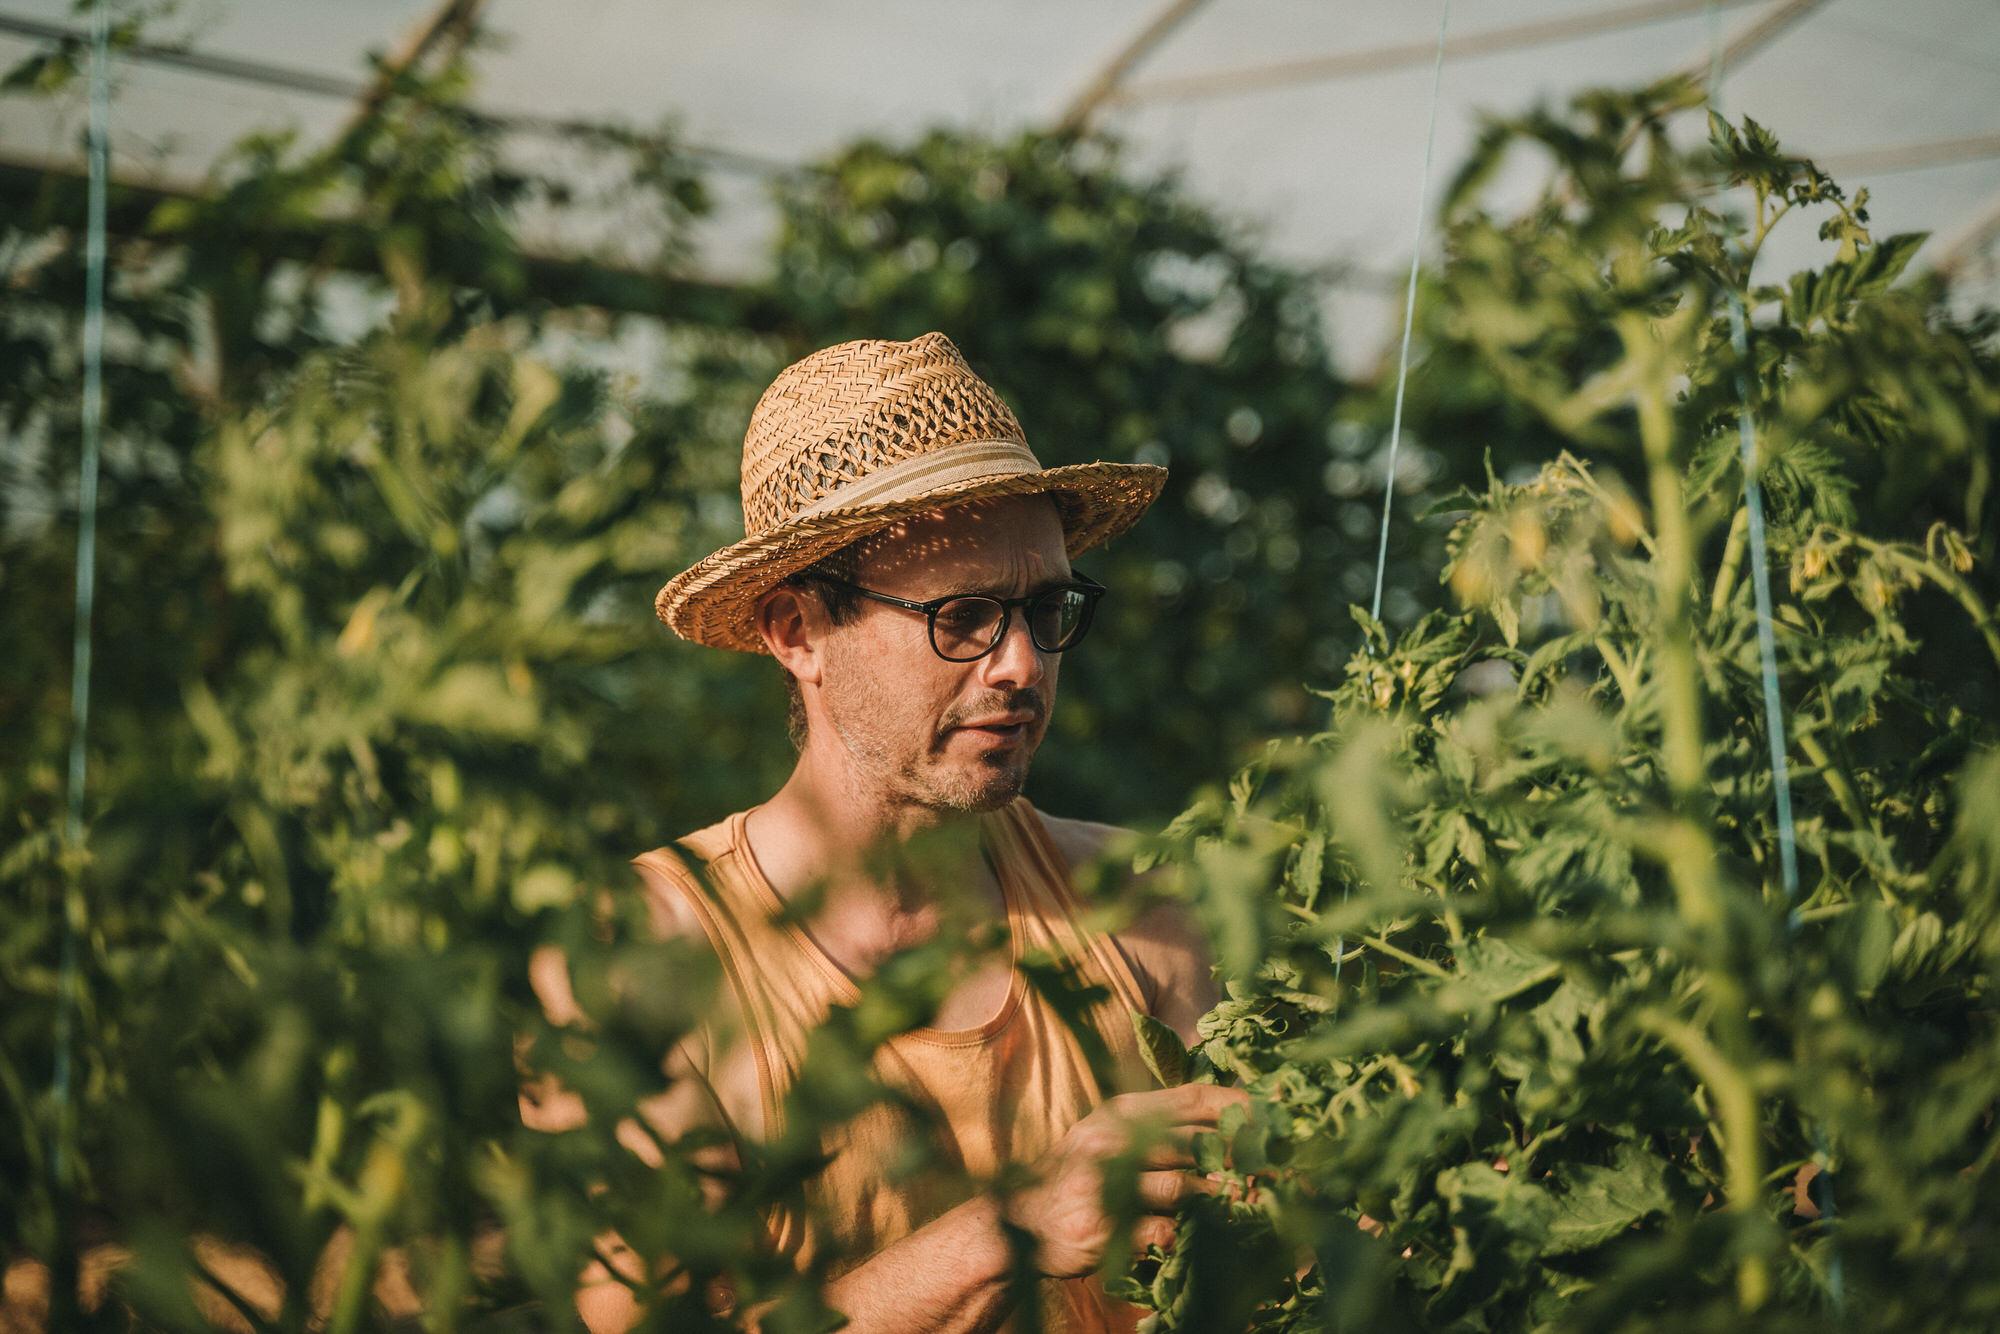 Reportage Photo Brest 20200713 04797 Les Jardins De Kerlomann Légumes Anciens Et Bio En Bretagne Www.antoineborzeix.fr , Photographe & Videaste à Brest / Finistère